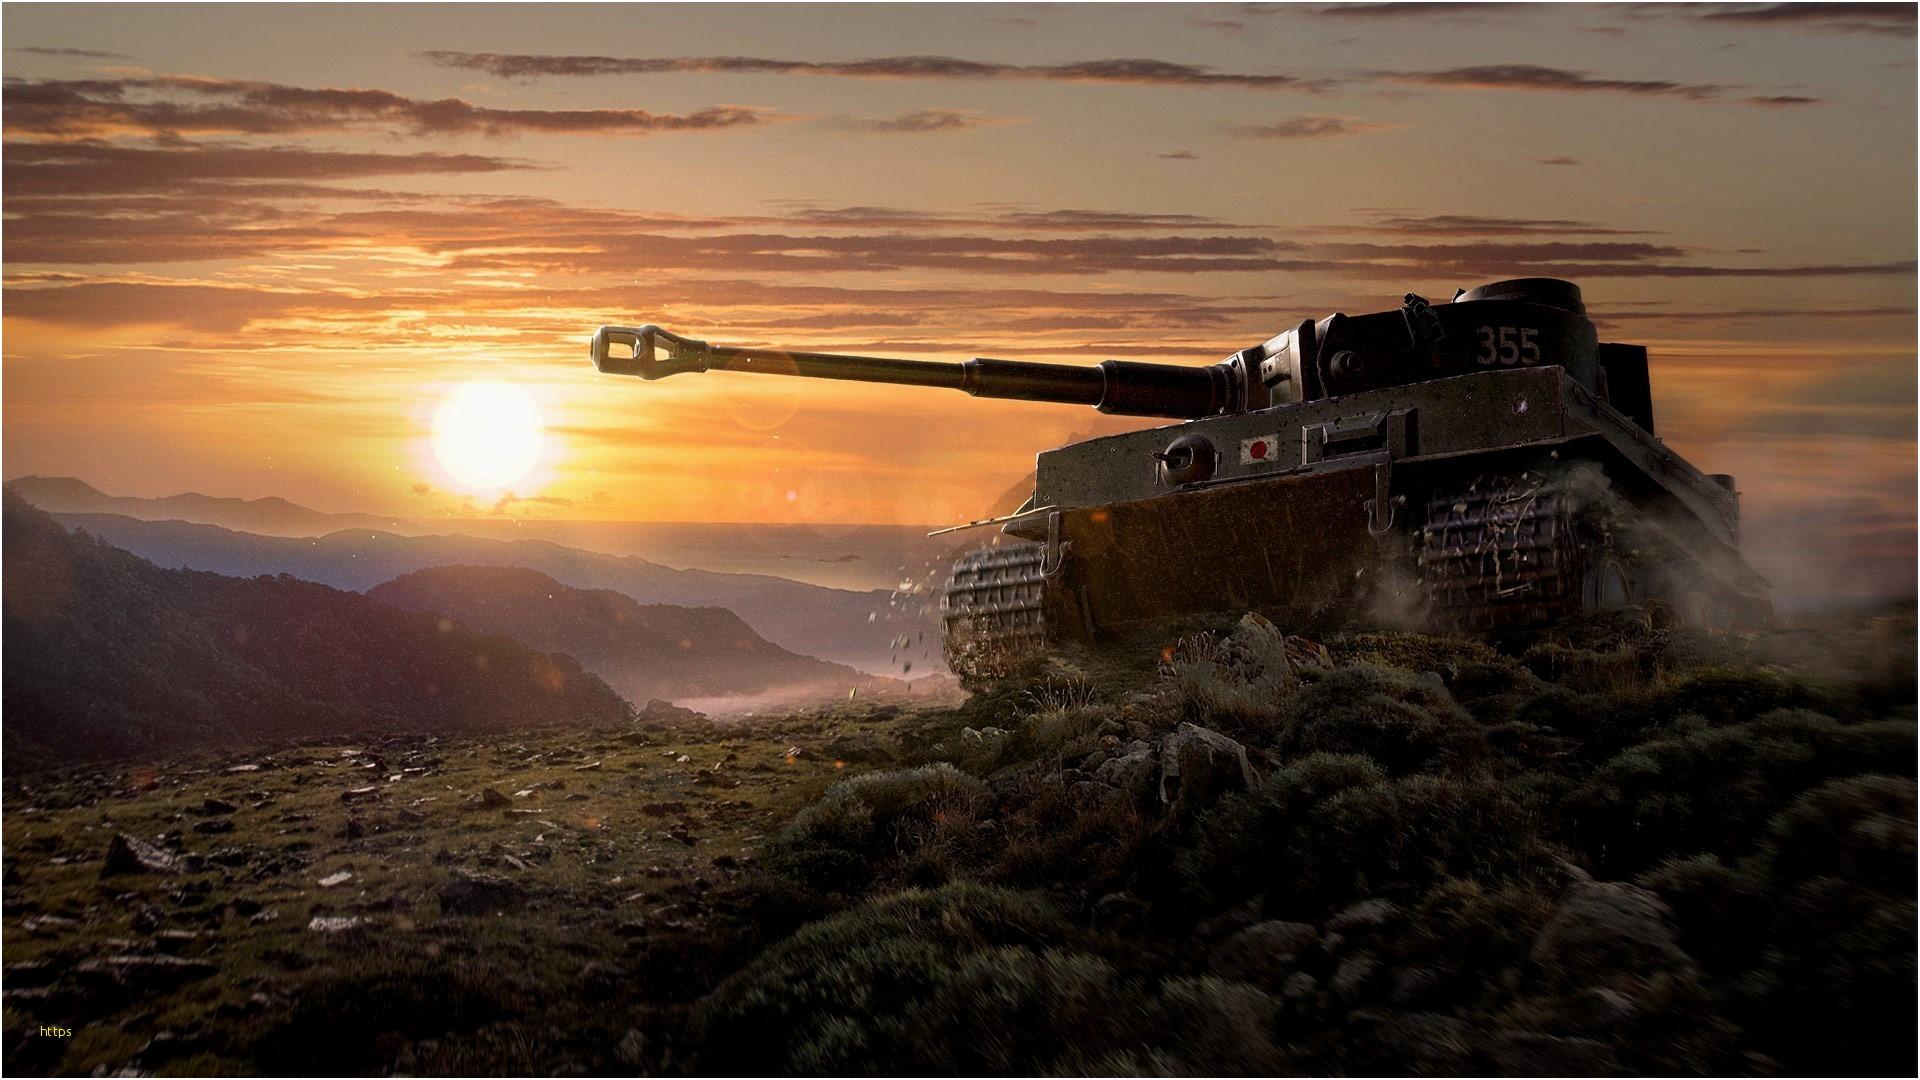 World Of Tanks Wallpaper Inspirational World Tanks World Of